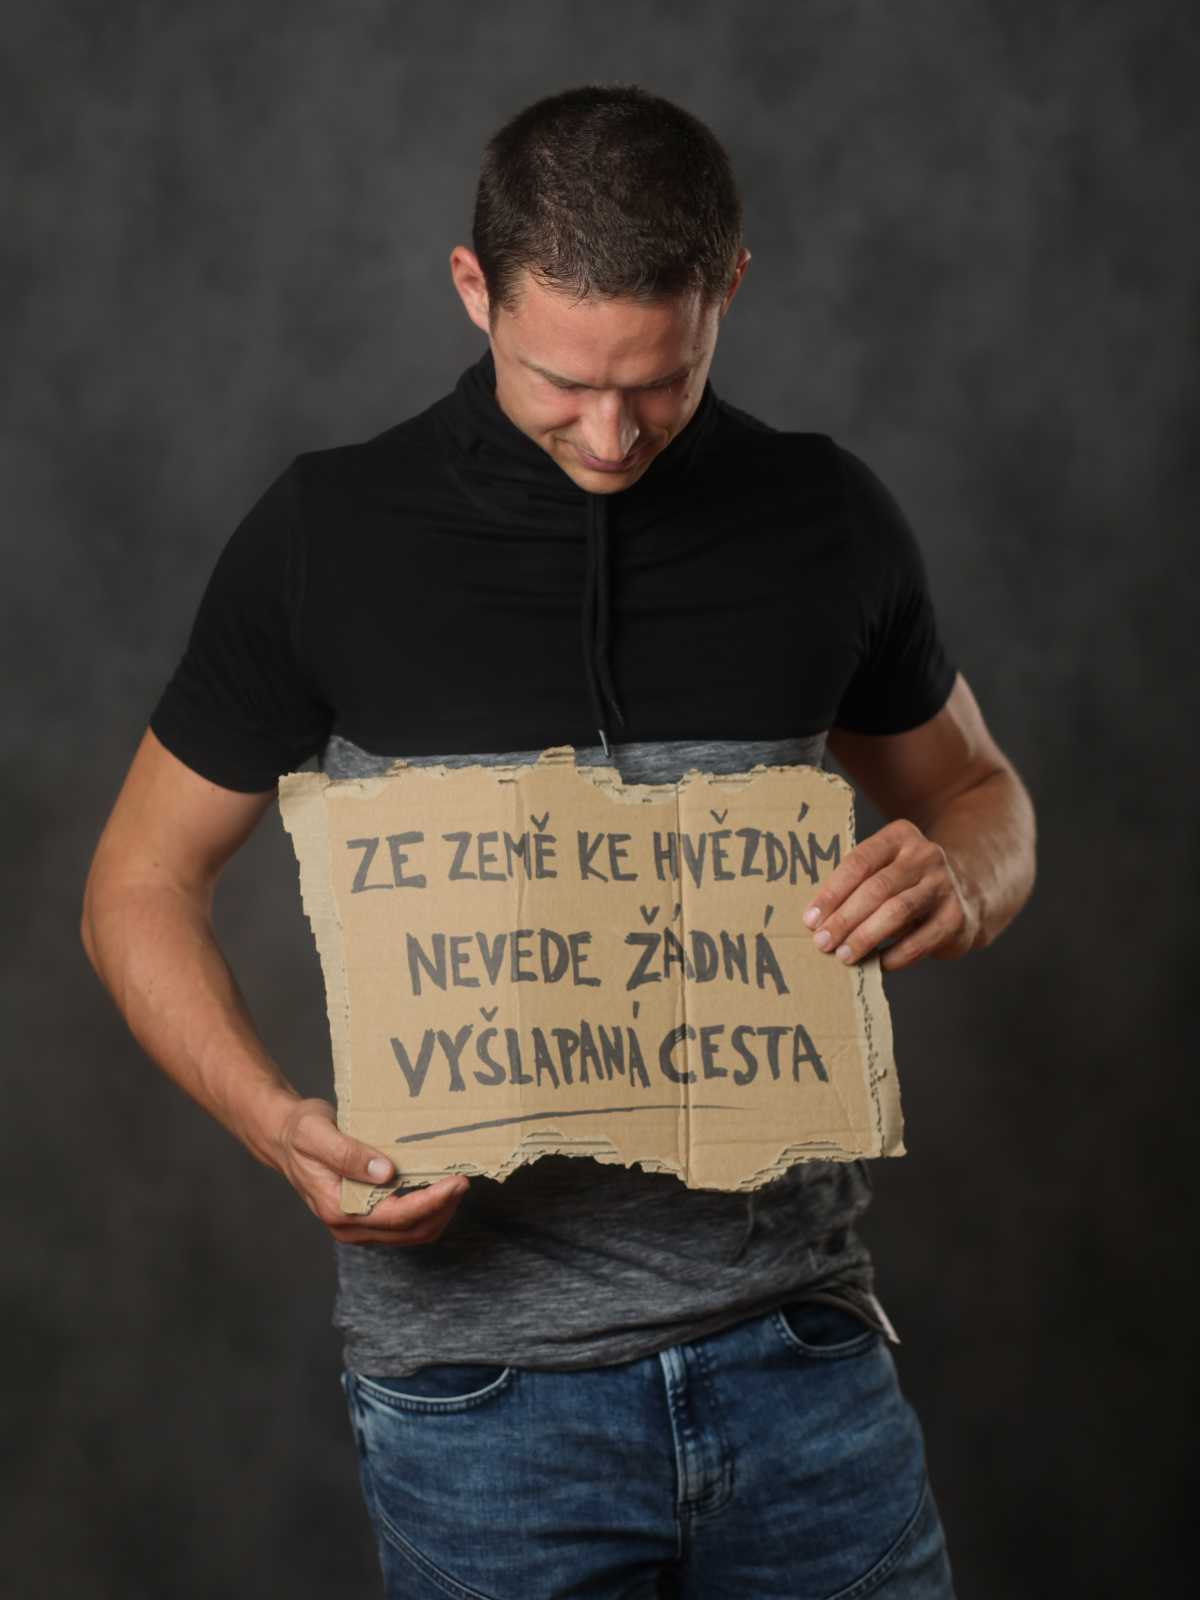 Tomáš Erben